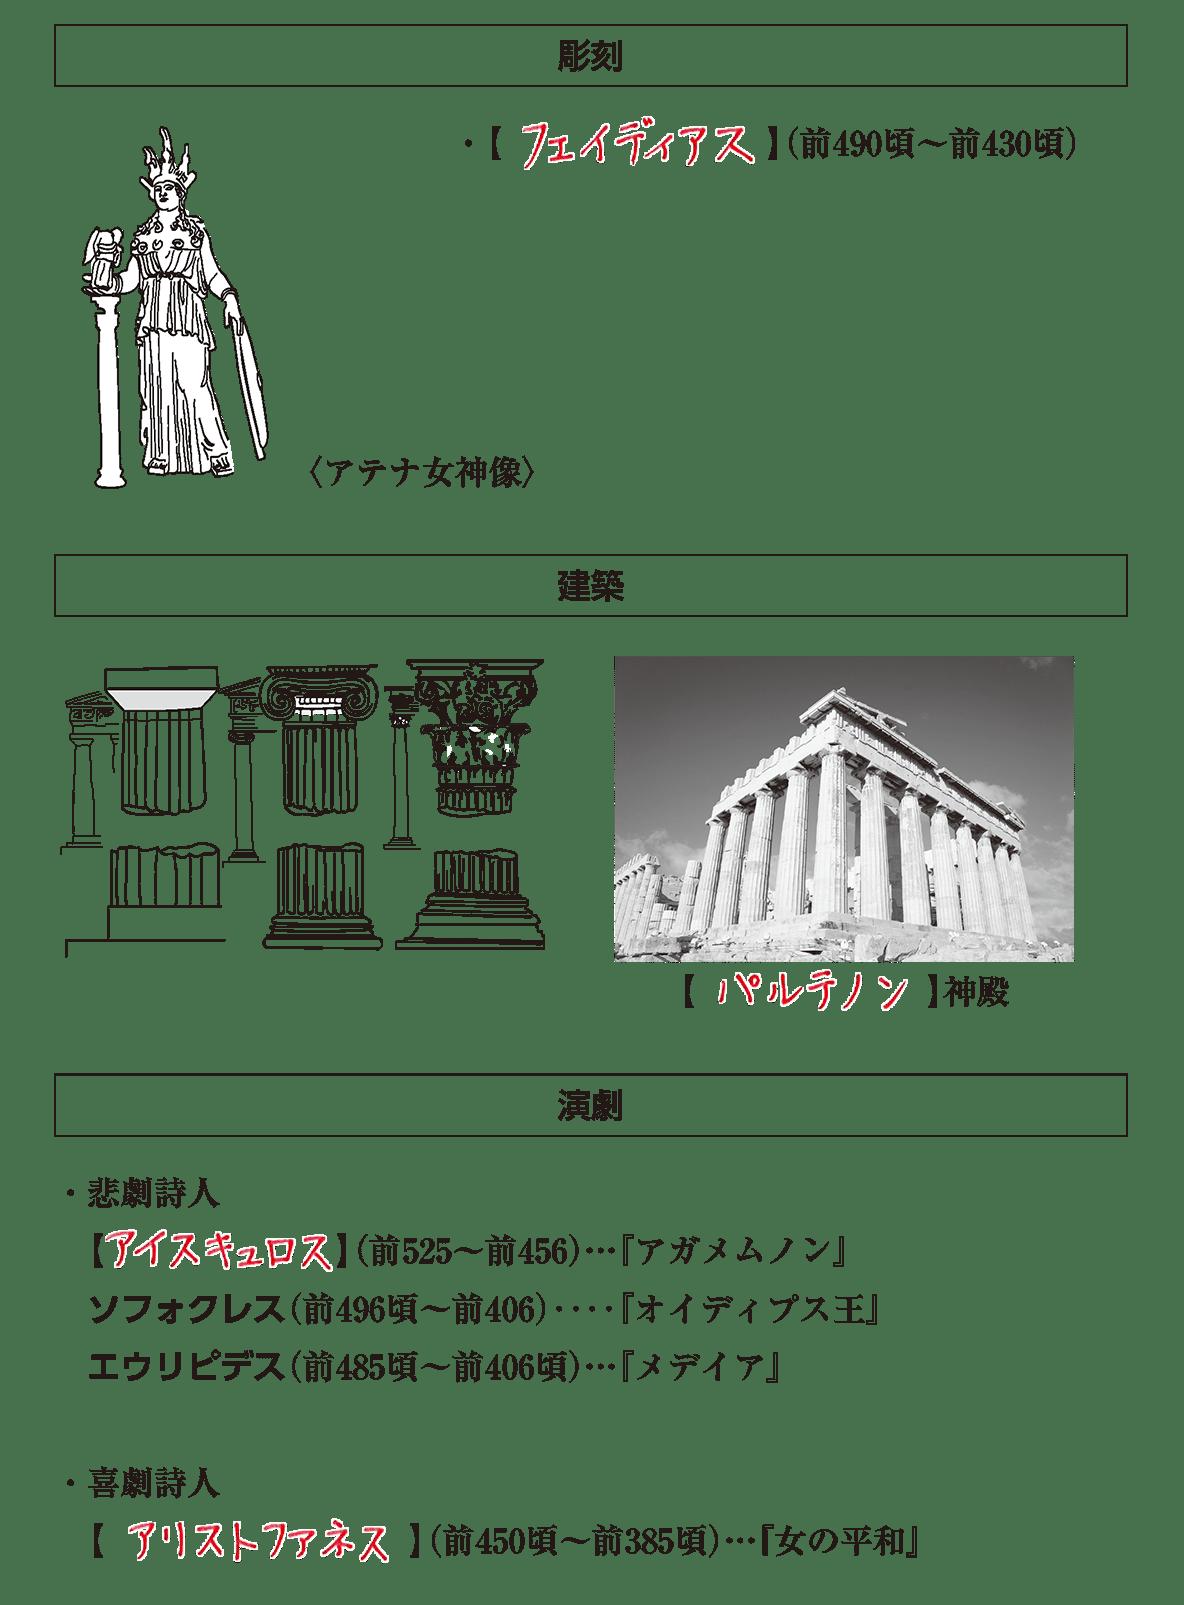 高校世界史 ギリシア世界5 ポイント2 答え全部